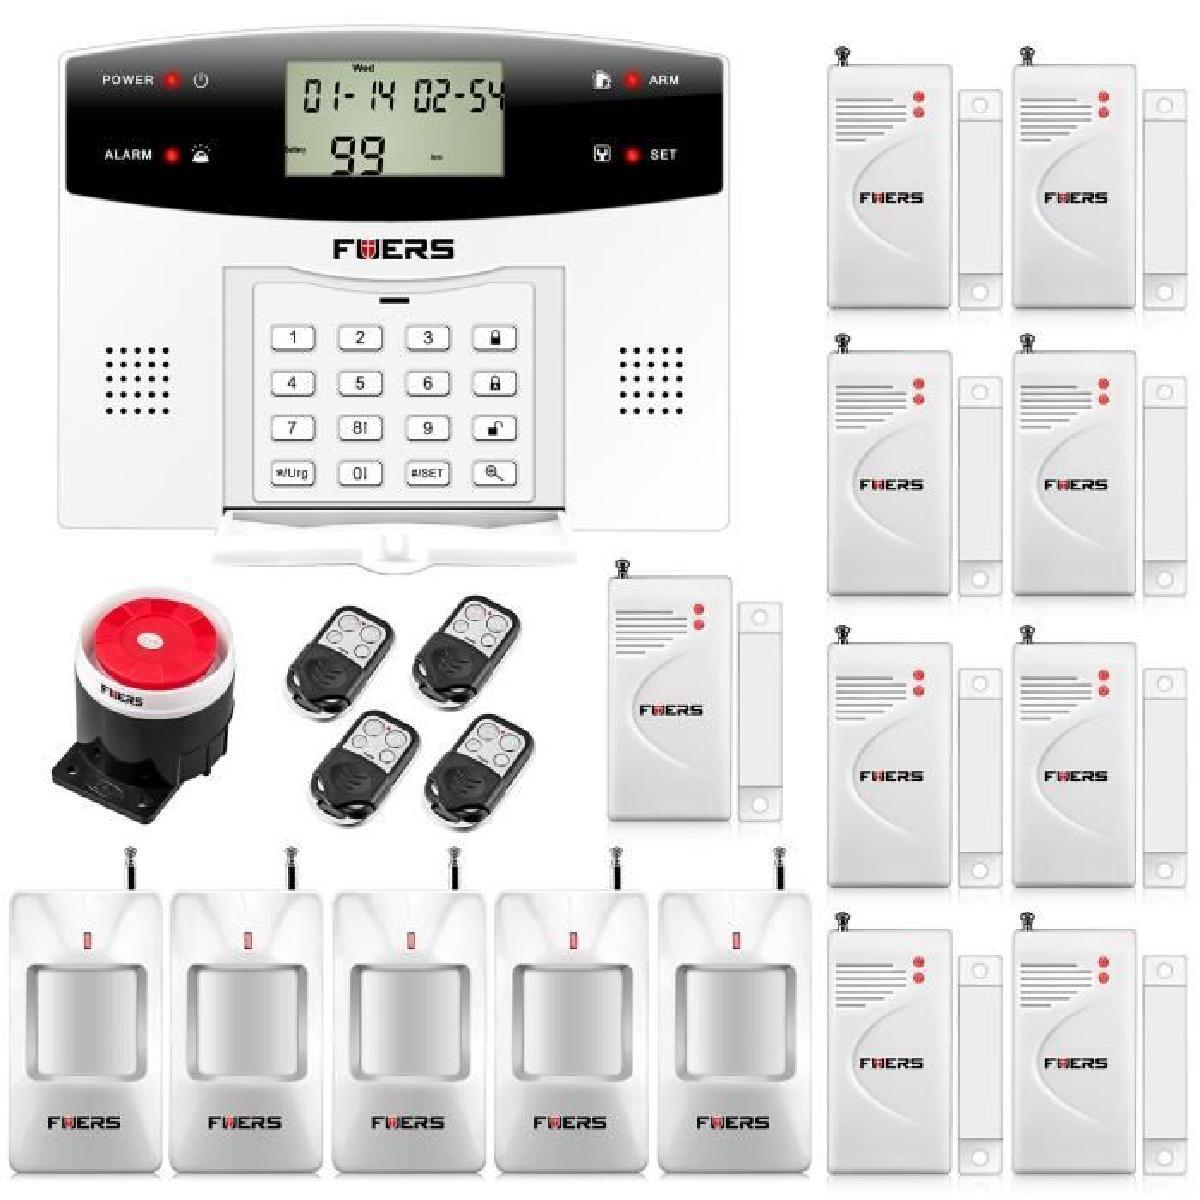 Alarme maison sans fil : quel type de capteurs choisir ?